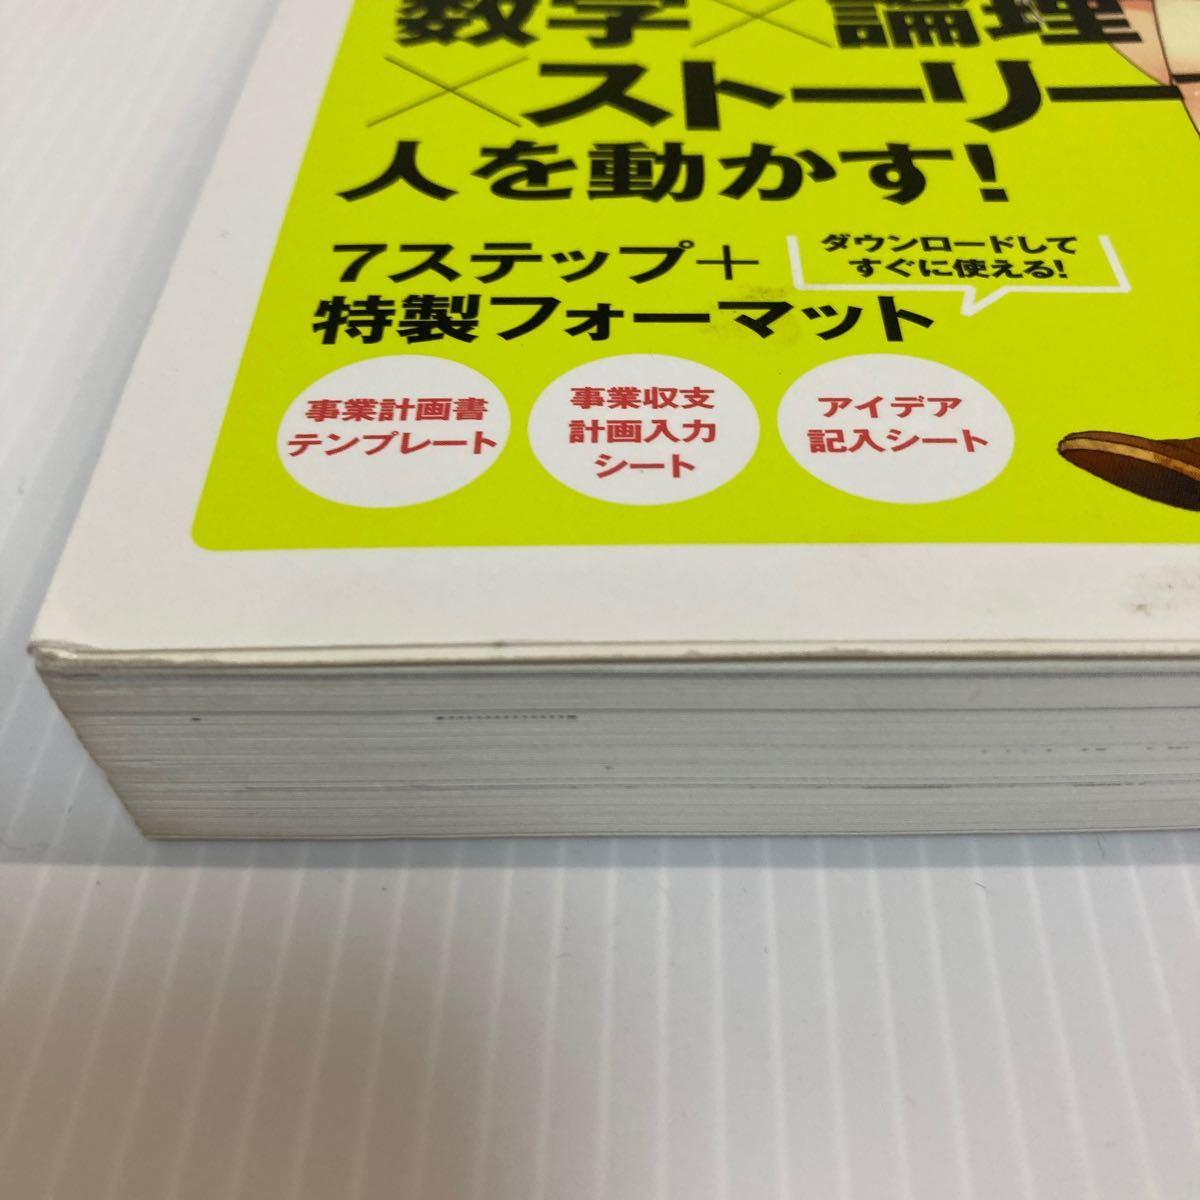 マンガでやさしくわかる事業計画書 ダウンロードサービス付/井口嘉則/飛高翔